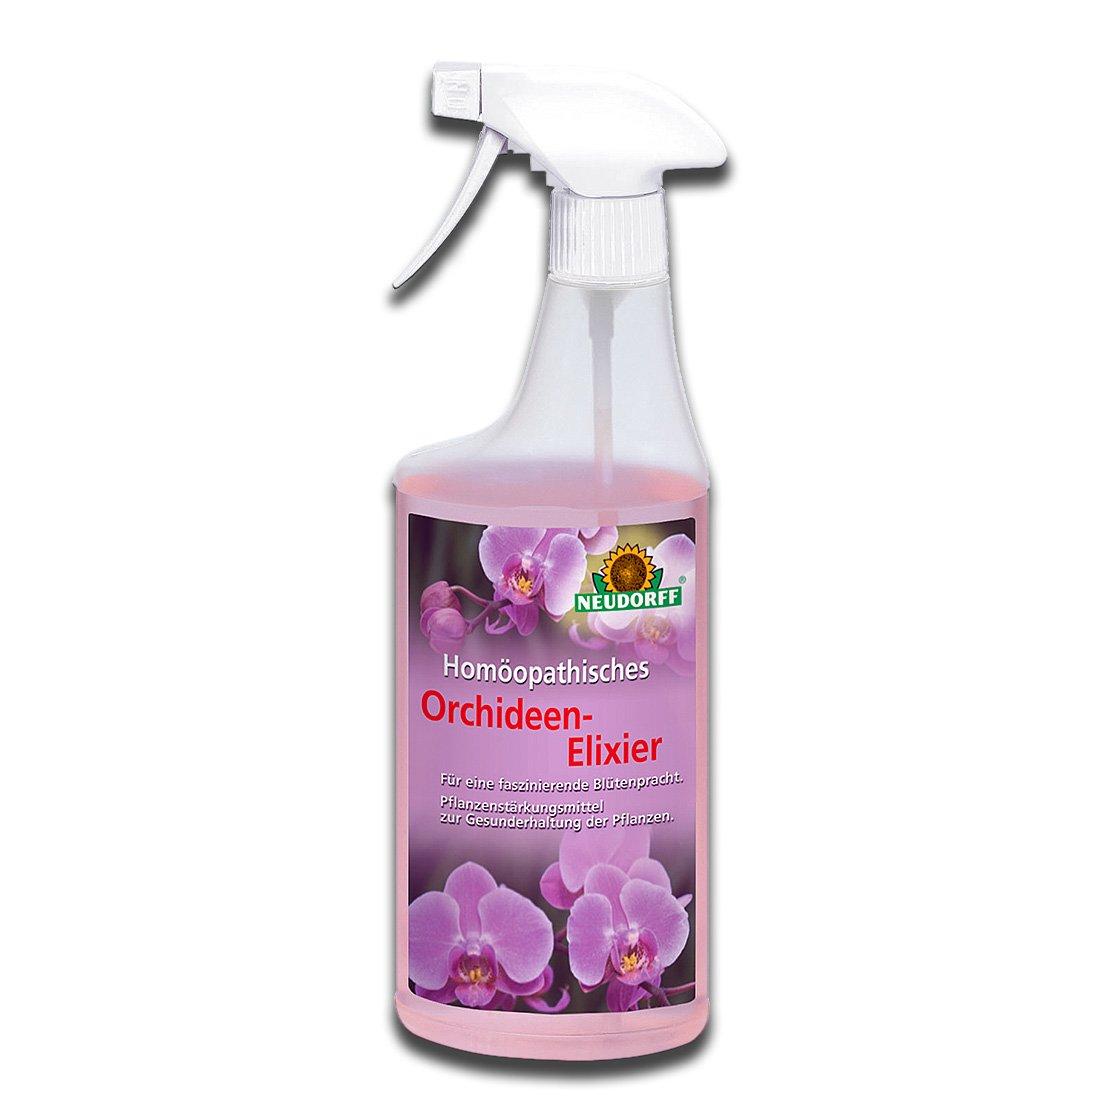 neudorff hom opathisches orchideen elixier nat rliche pflanzenpflege nat rliche. Black Bedroom Furniture Sets. Home Design Ideas